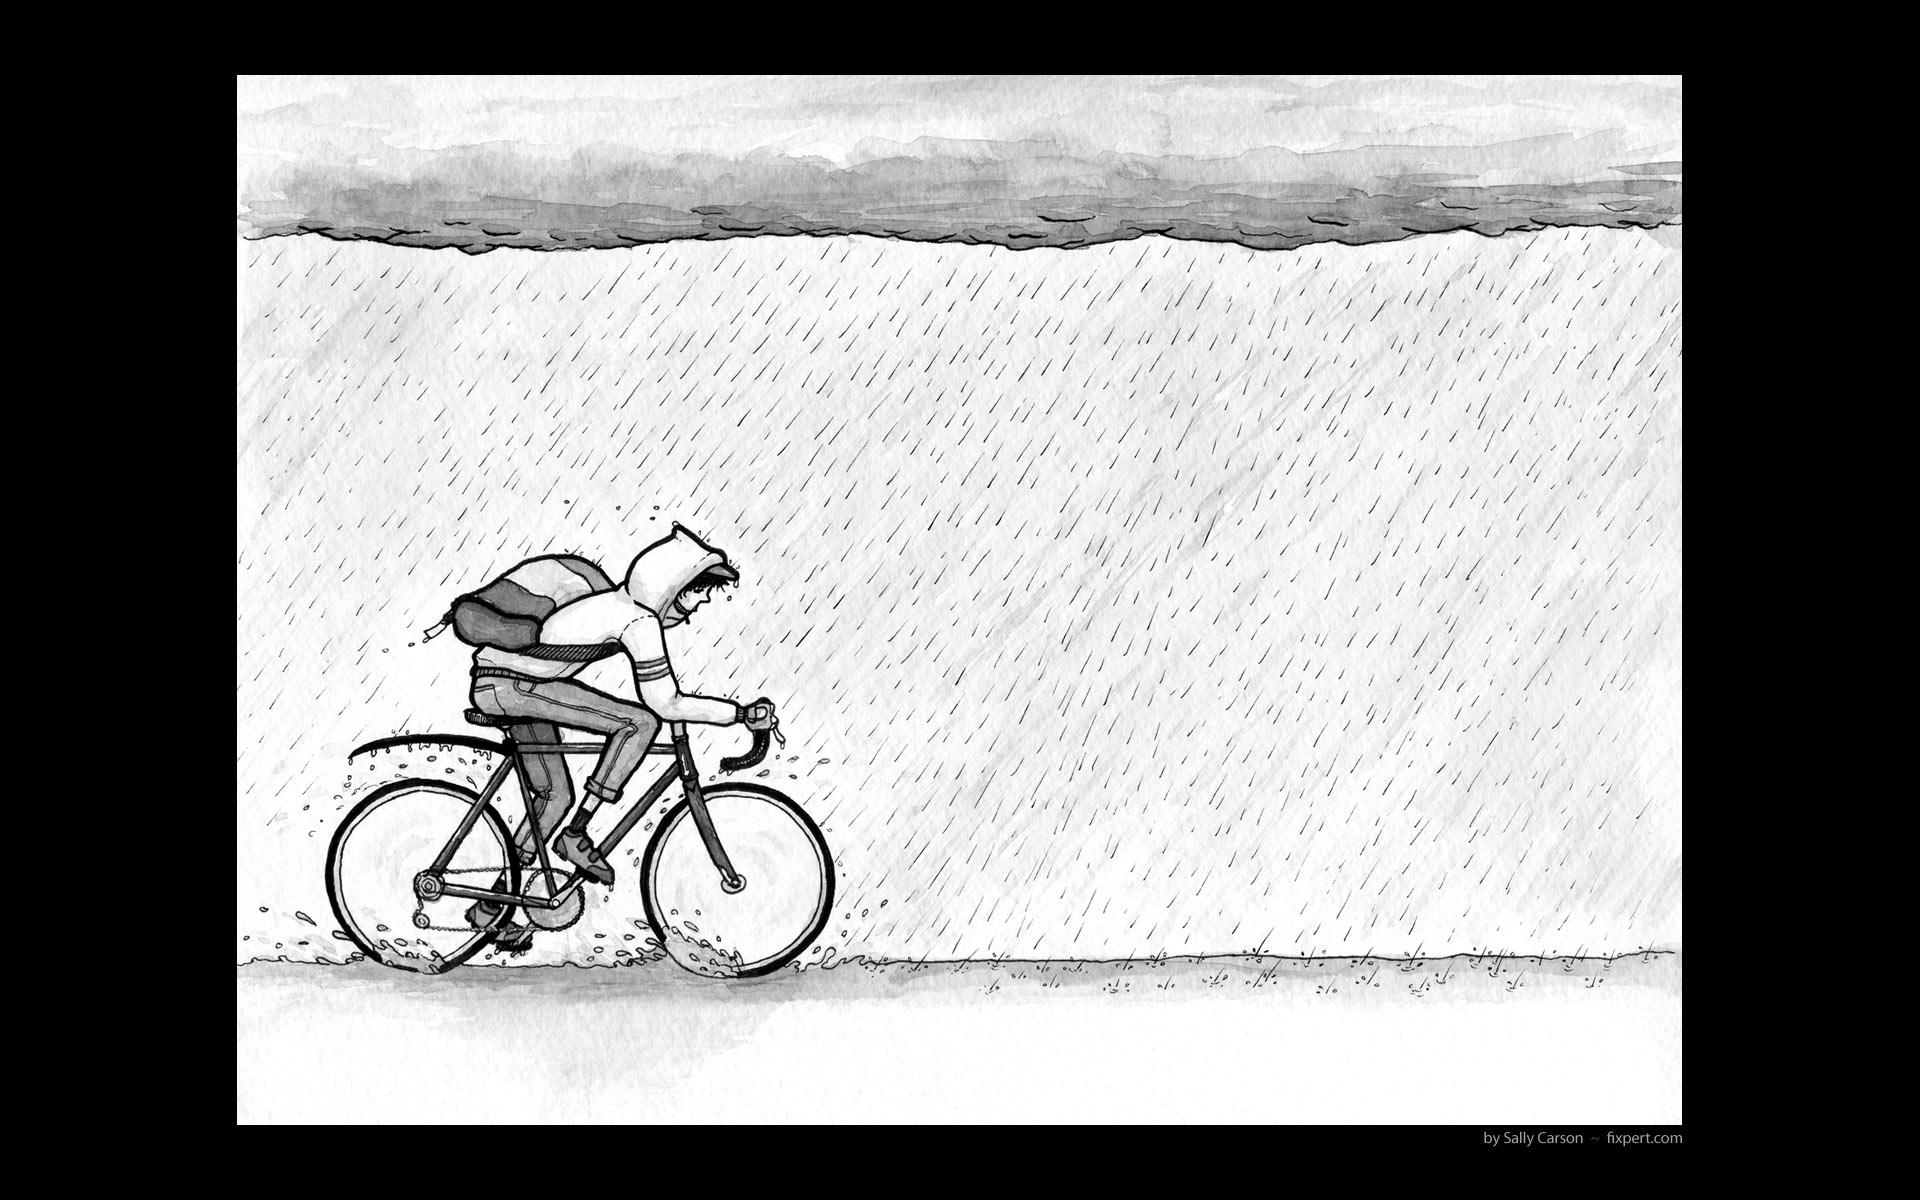 Rainy Day Cyclist 1920 x 1200